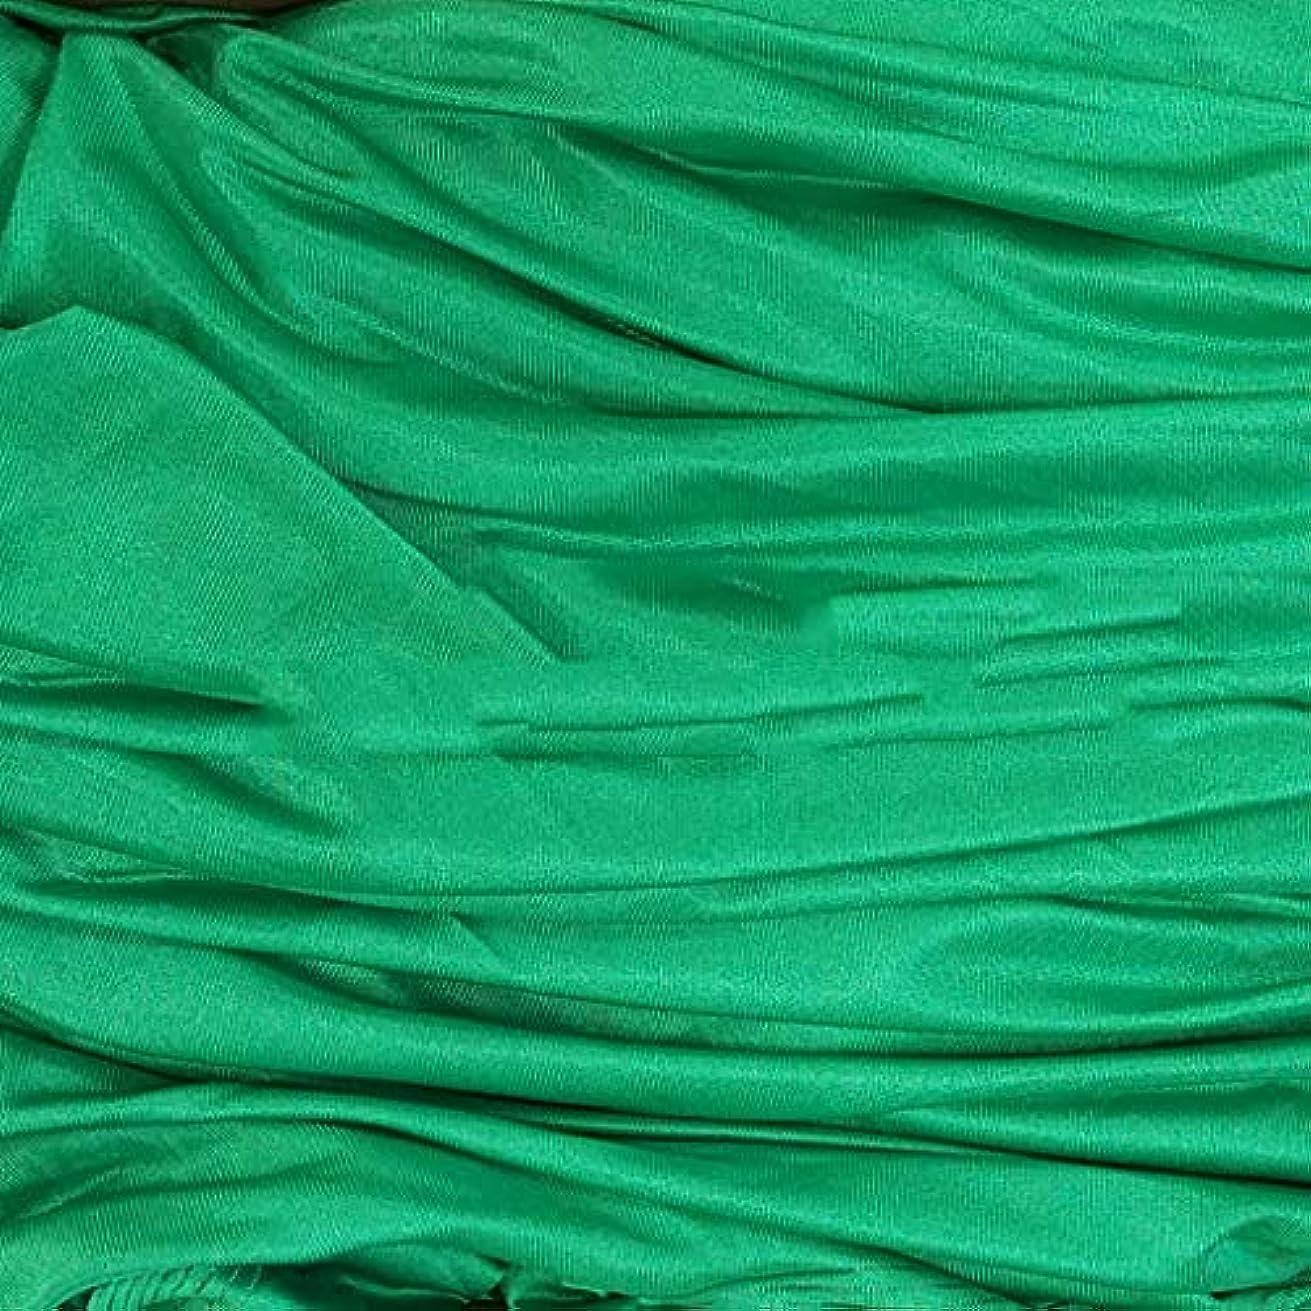 広範囲定義する評決ヨガハンモックスイング6メートル x 2.8 メートル、3.3 メートルから3.5 メートルに屋内に適しています。